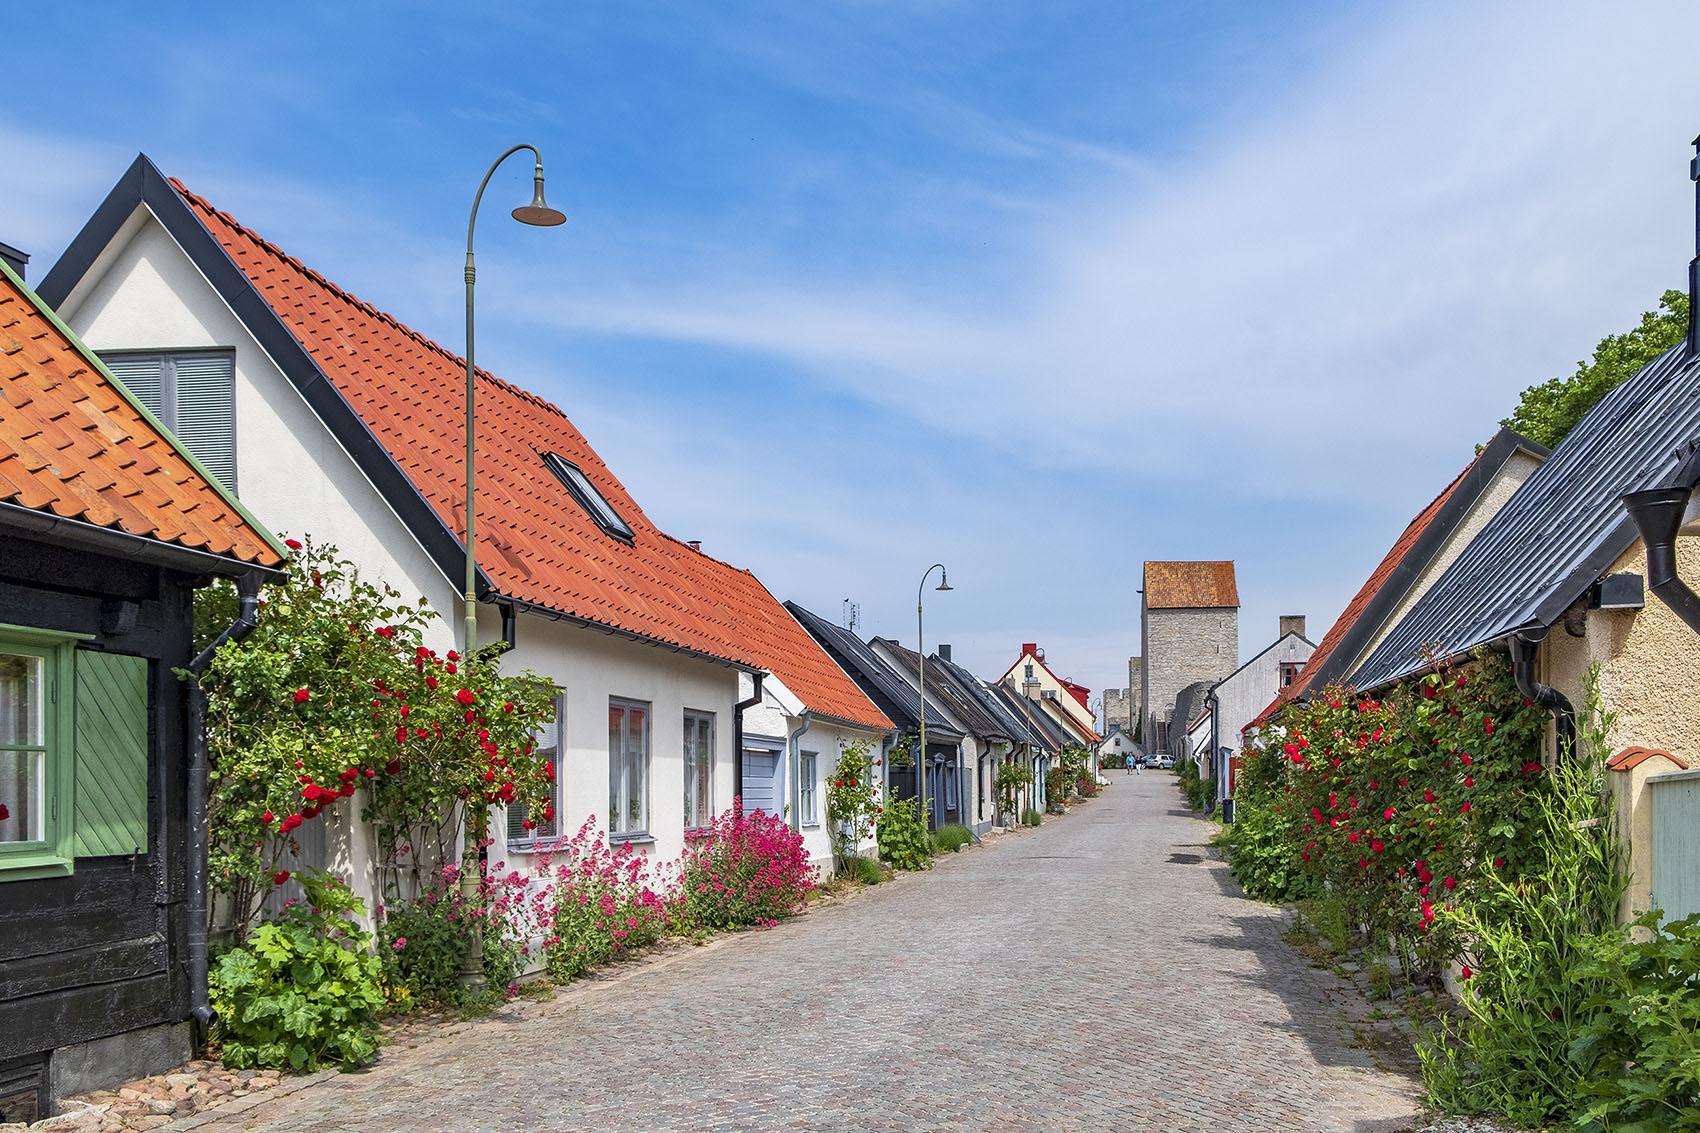 Norra Murgatan